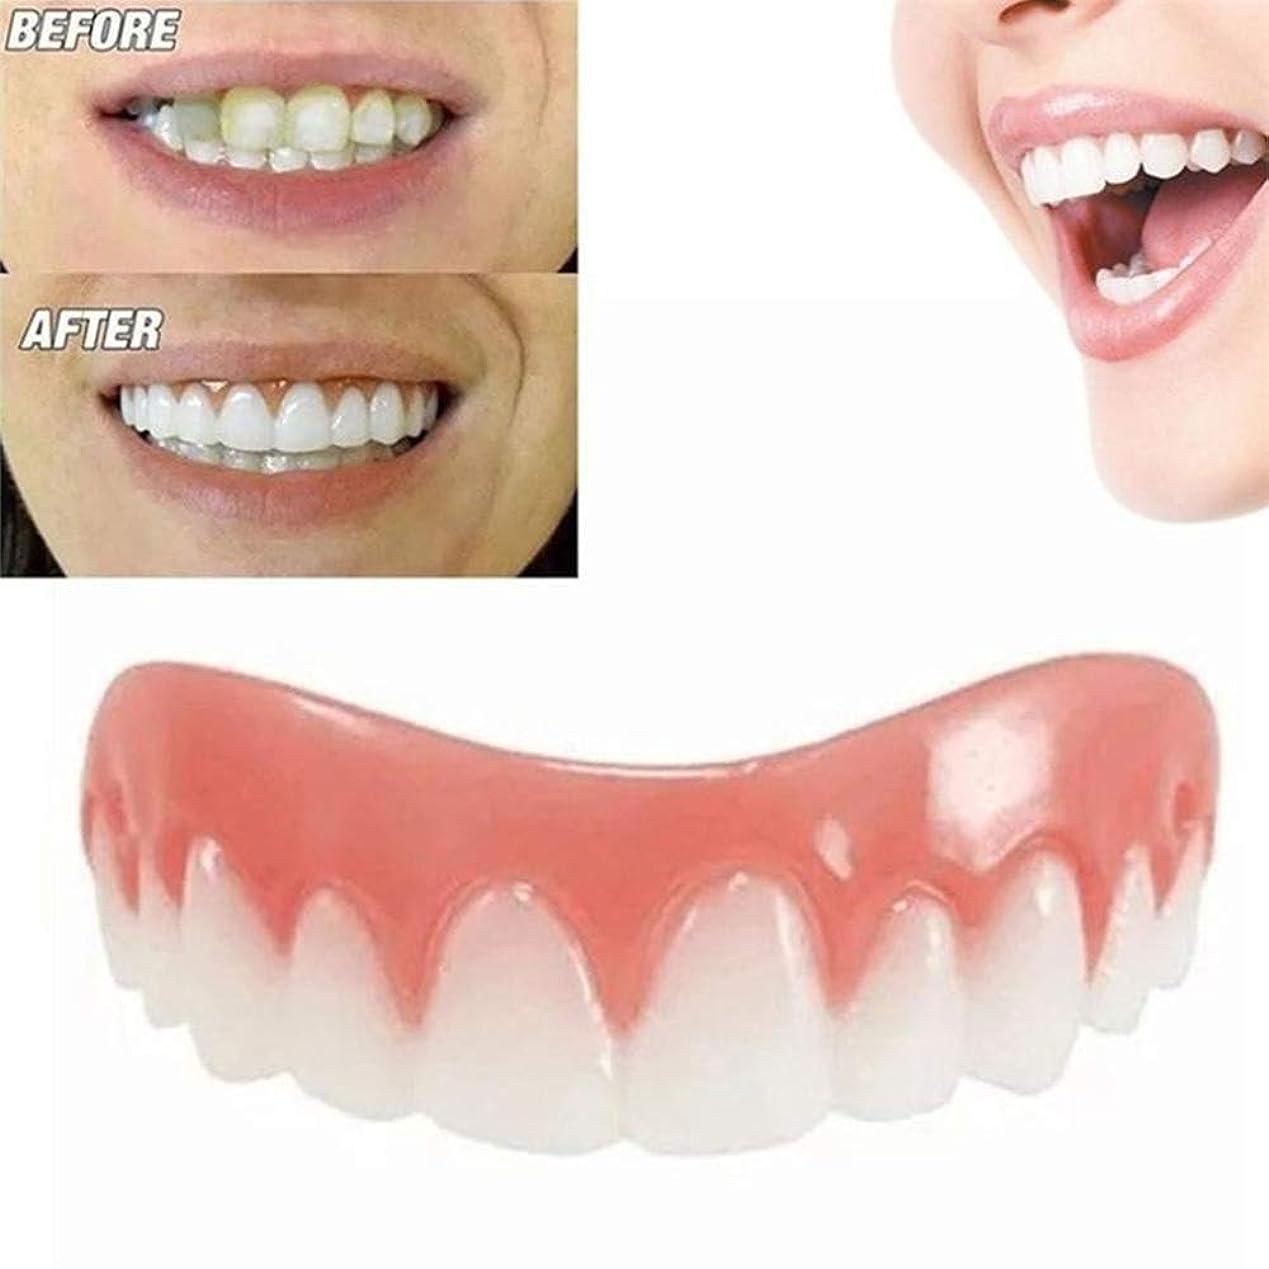 熟読する一目ディーラーシリコーンスマイルベニヤ偽の歯上偽の歯カバー悪い歯のための歯の修正のためにあなたに完璧な笑顔を与える - ワンサイズぴったり(30個)